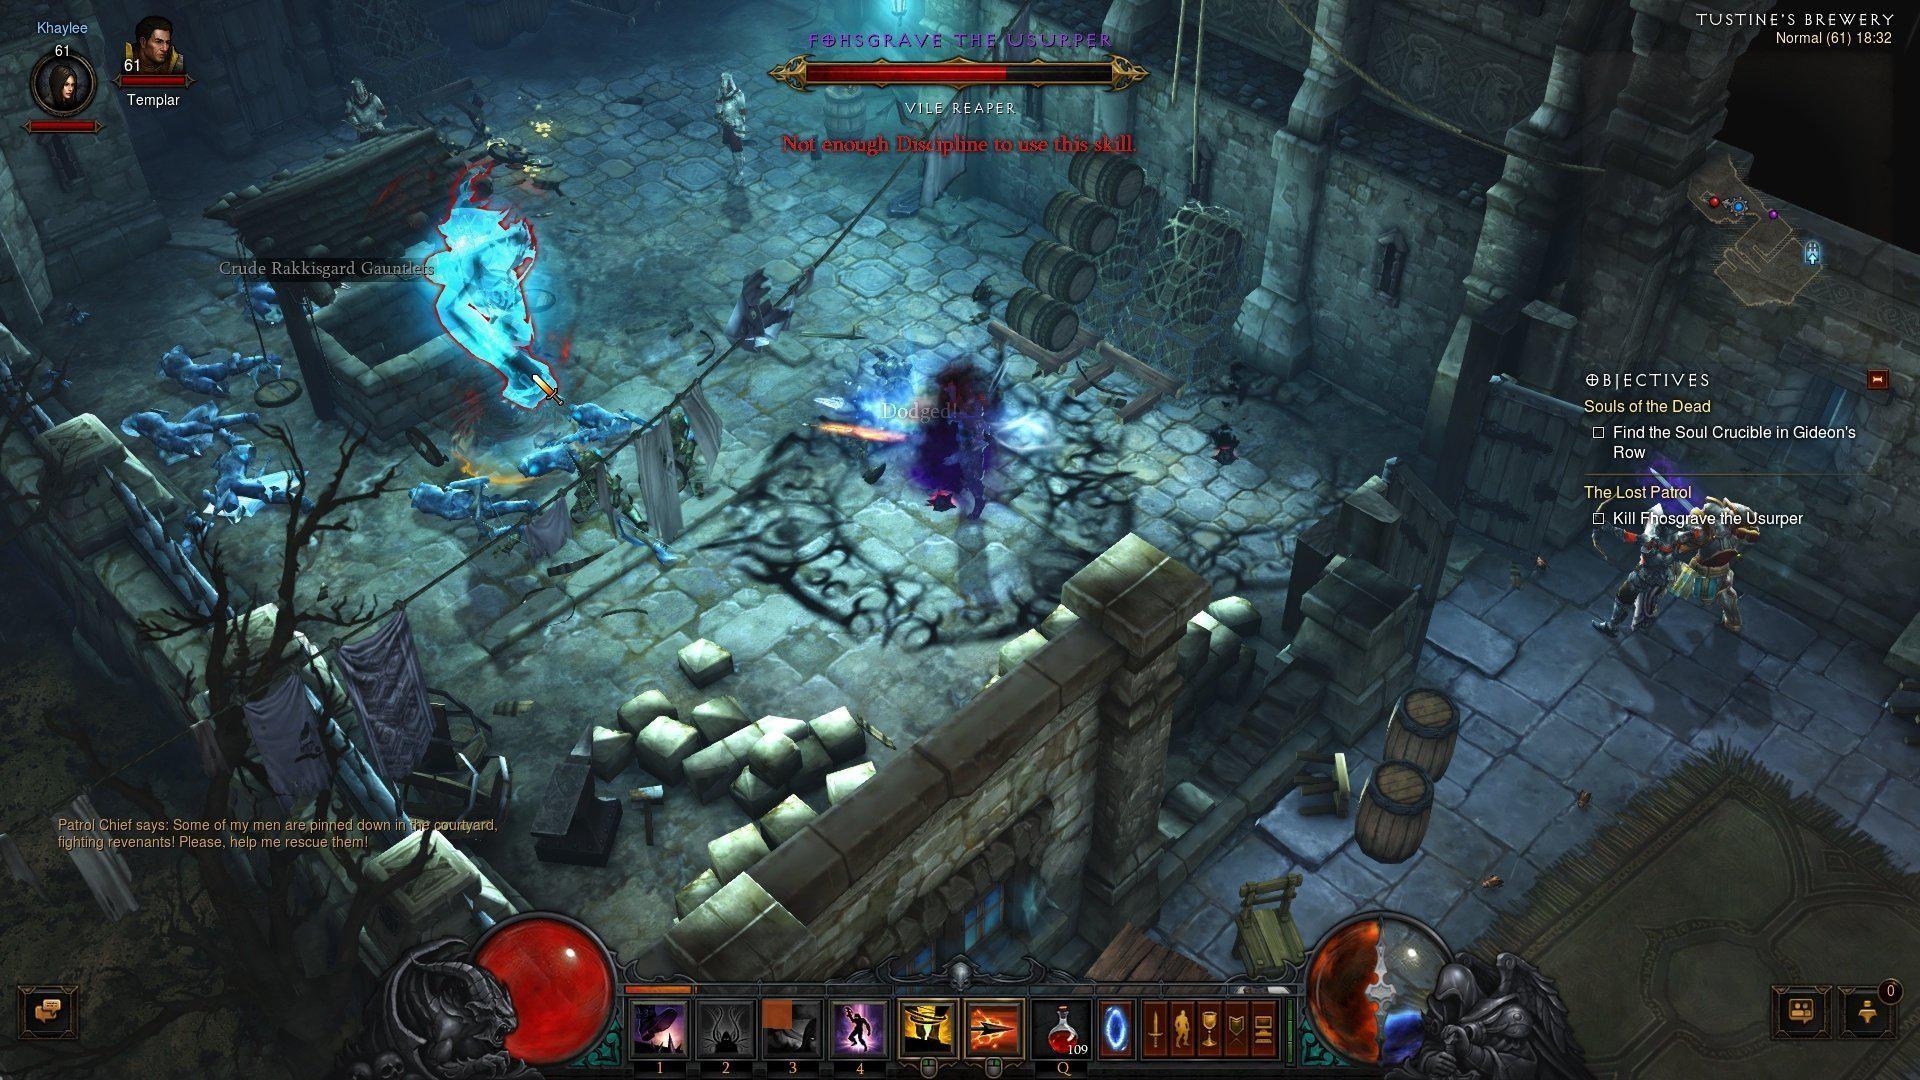 acheter diablo iii battle chest battle net